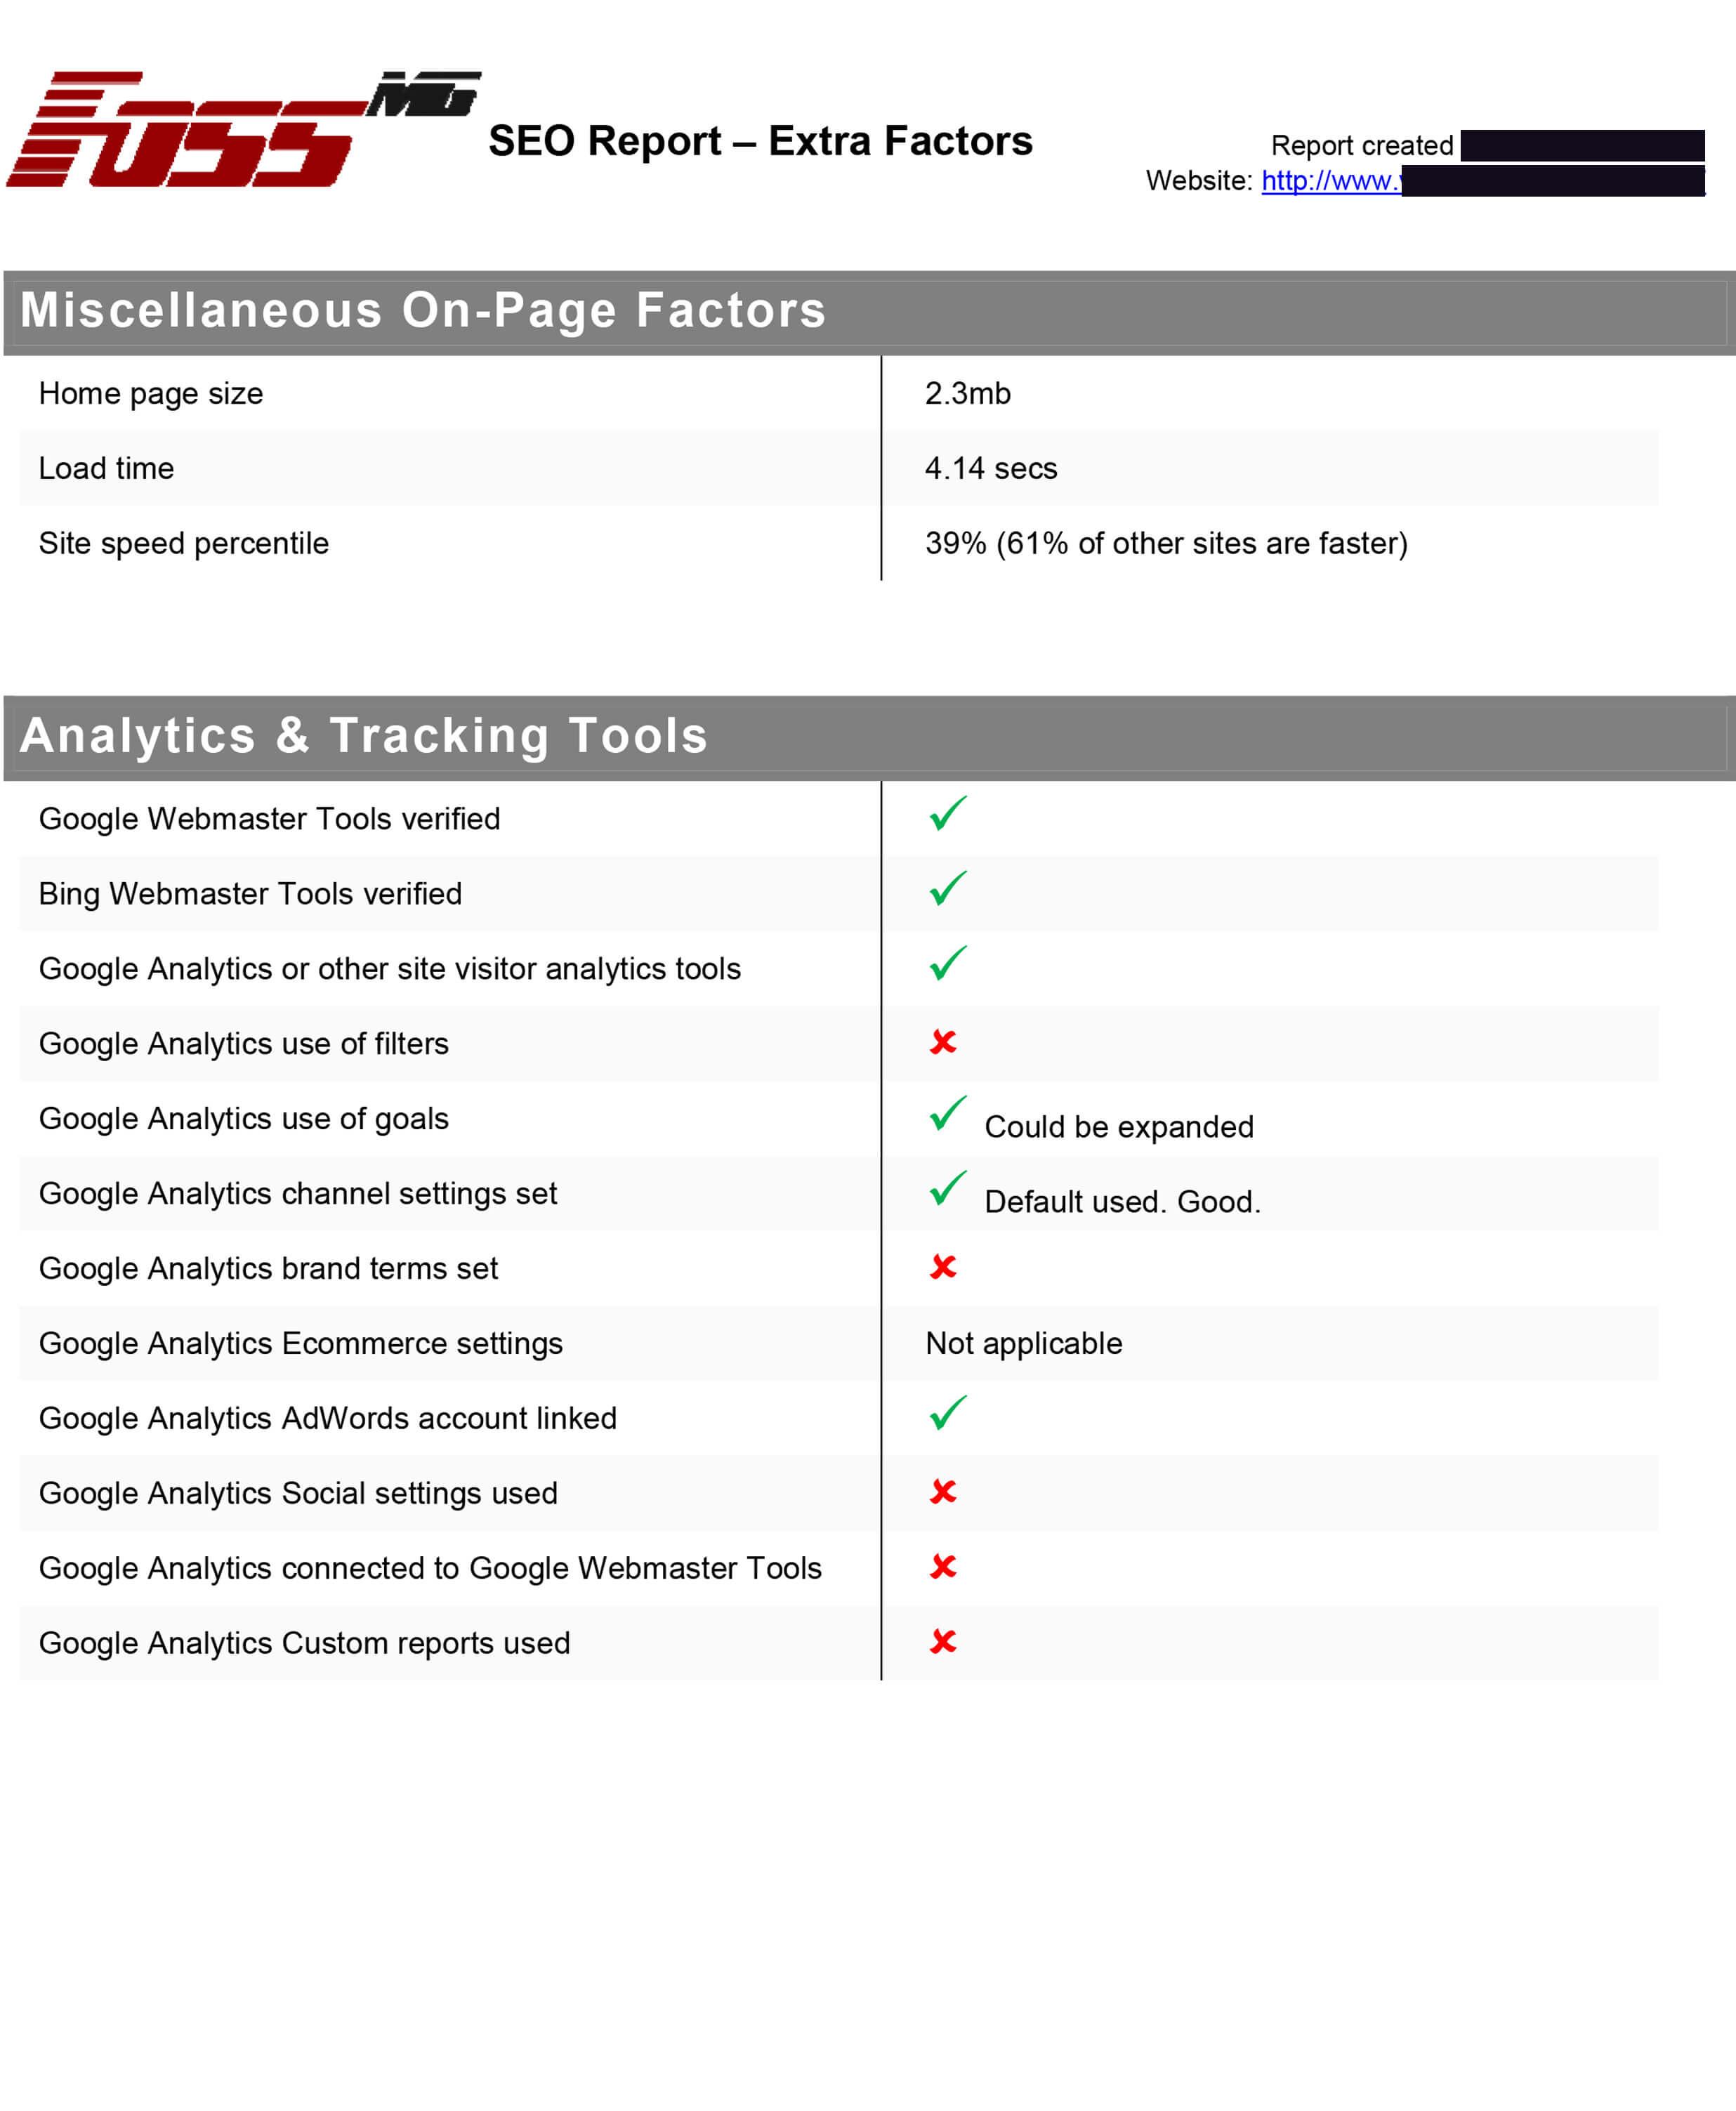 SEO Factors Report